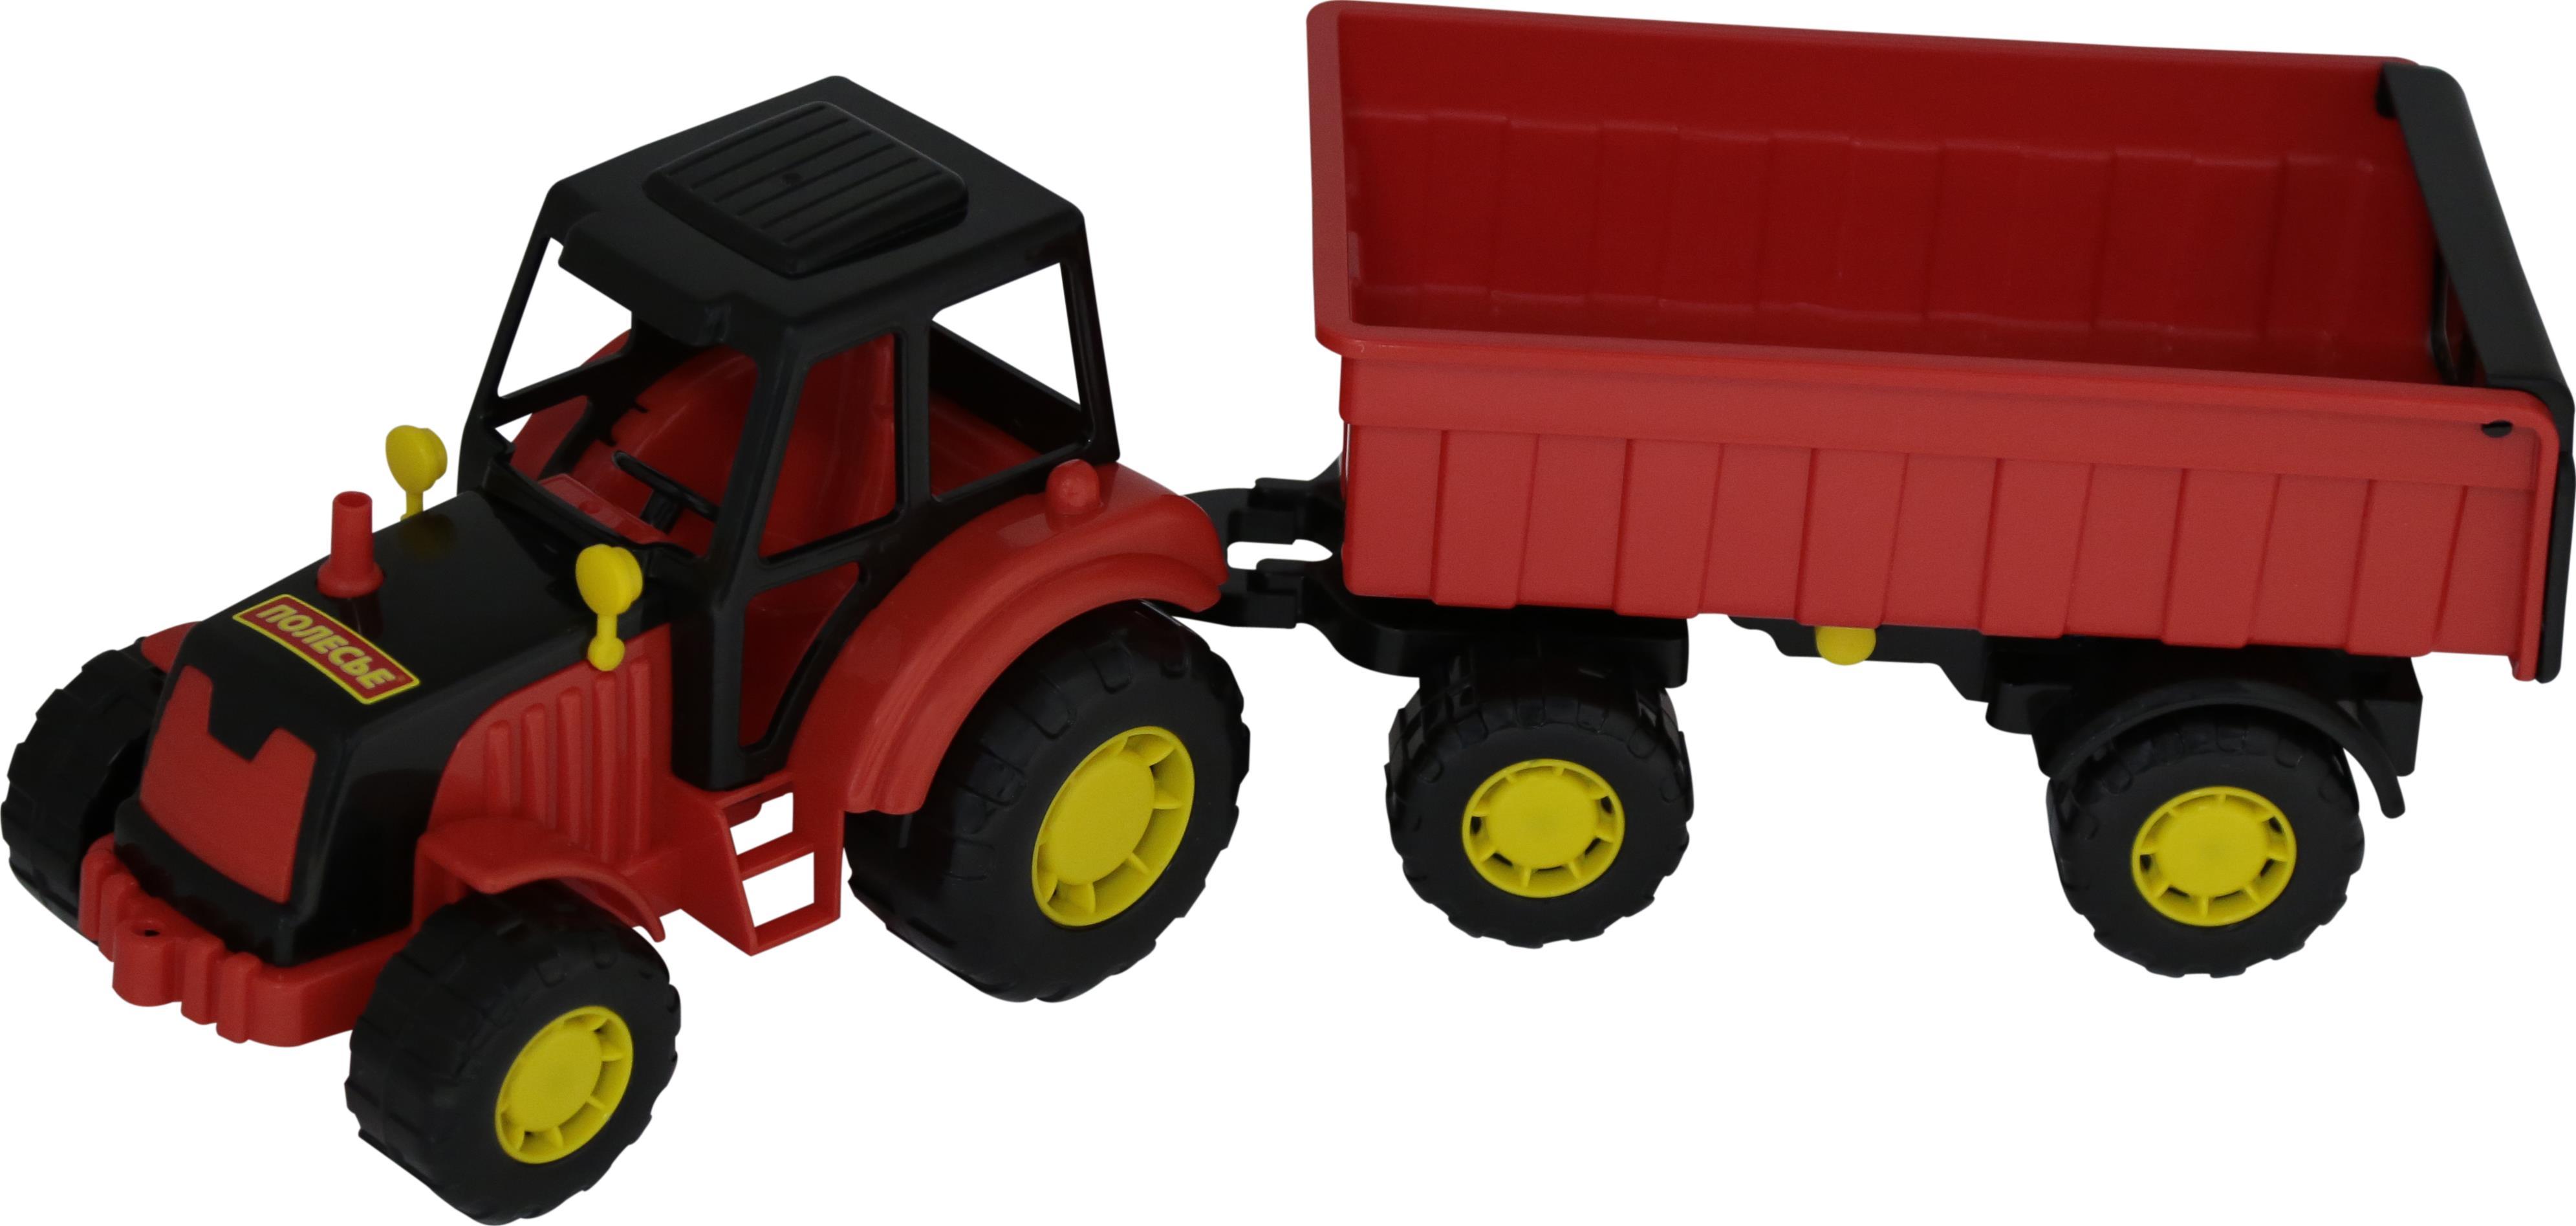 Трактор Мастер с прицепомИгрушечные тракторы<br>Трактор Мастер с прицепом<br>